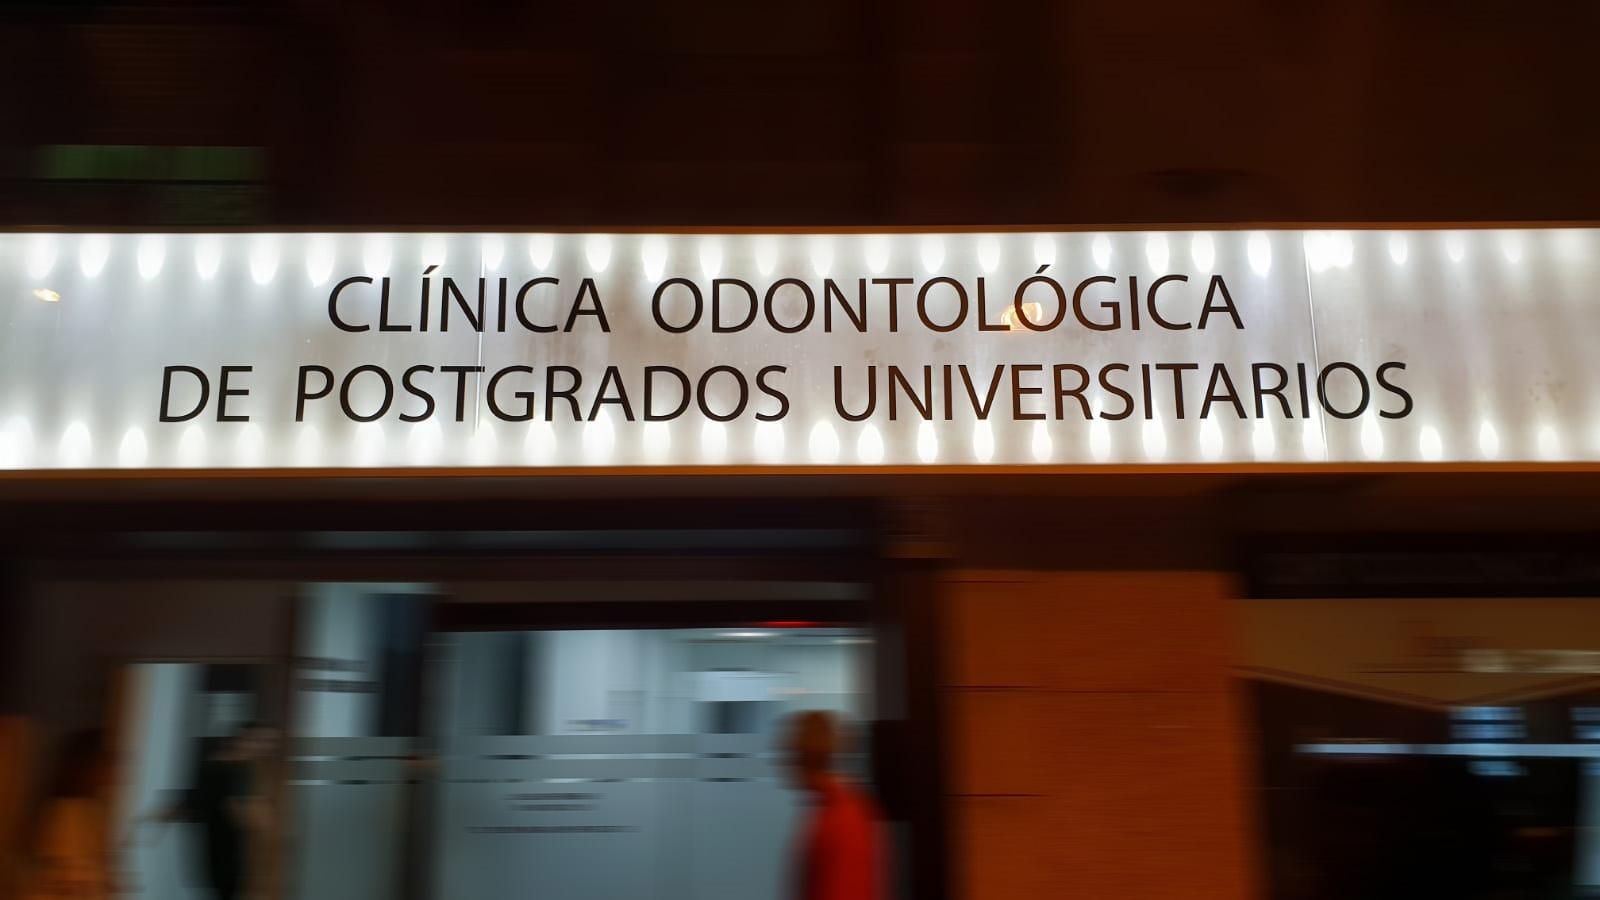 http://www.clinicaodontologicadepostgrados.com/wp-content/uploads/2017/04/Fachada-clinica.jpg